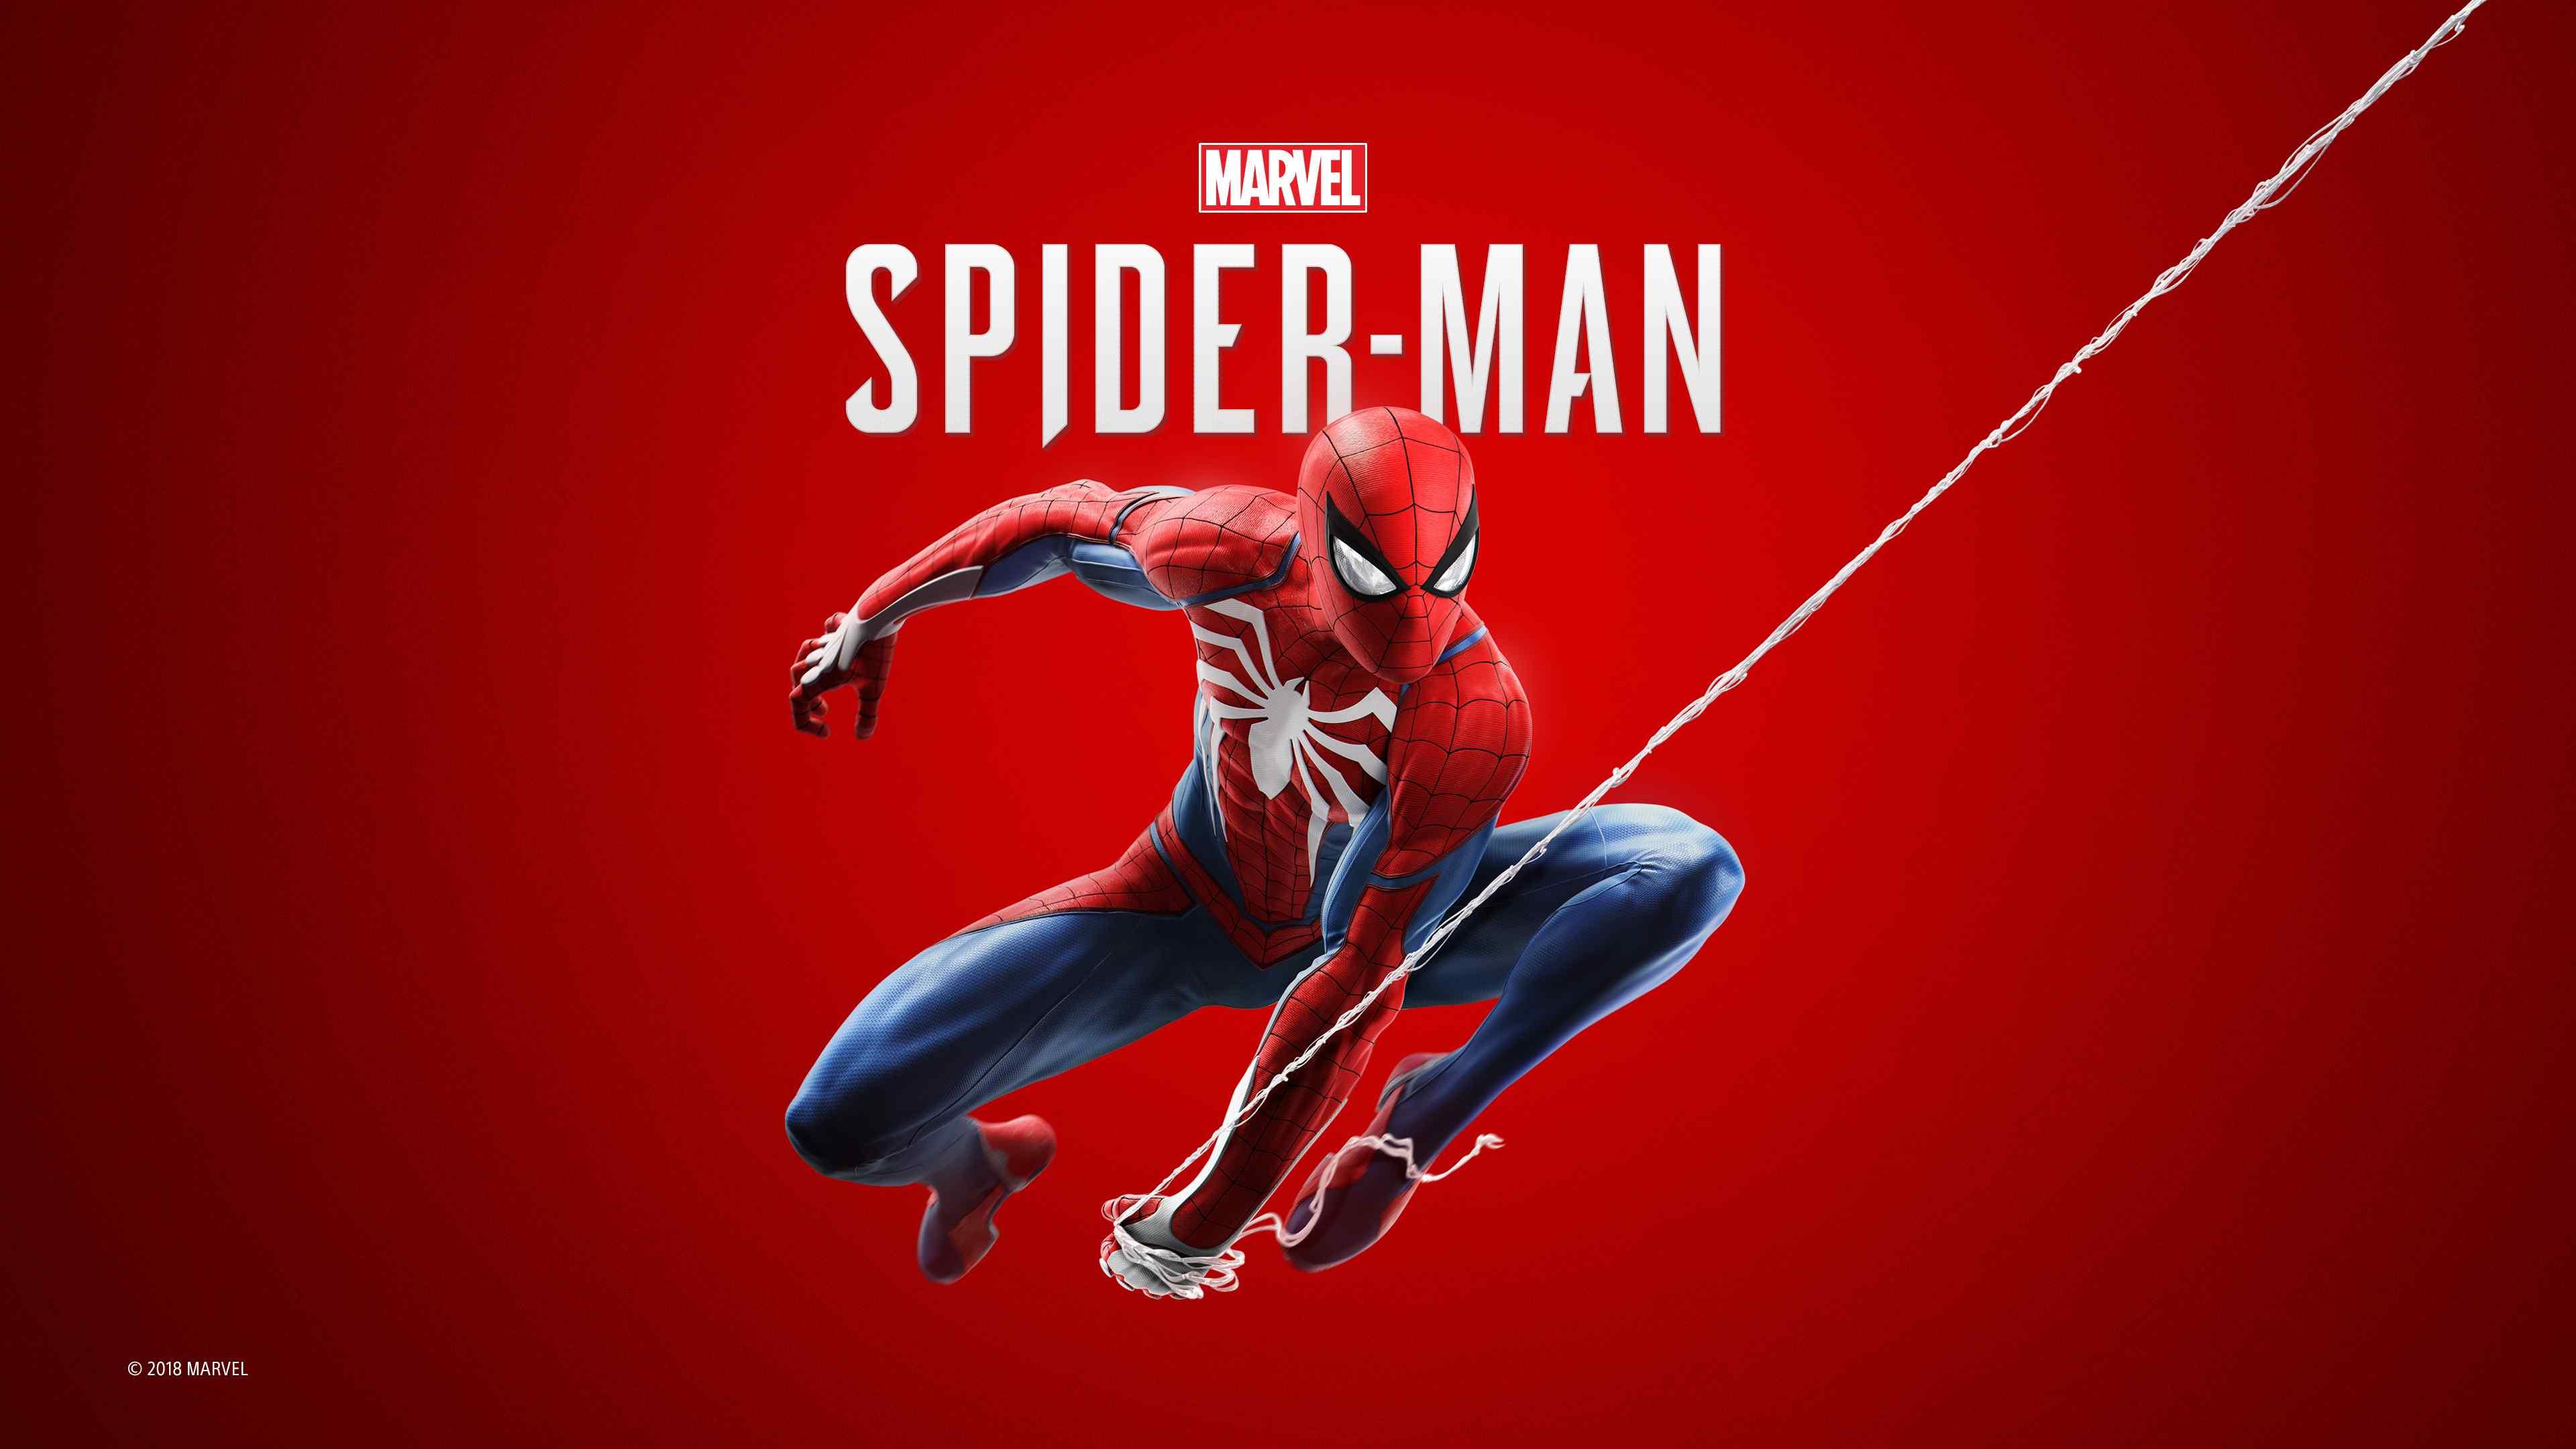 蜘蛛侠游戏壁纸漫威壁纸高清壁纸蜘蛛侠归来